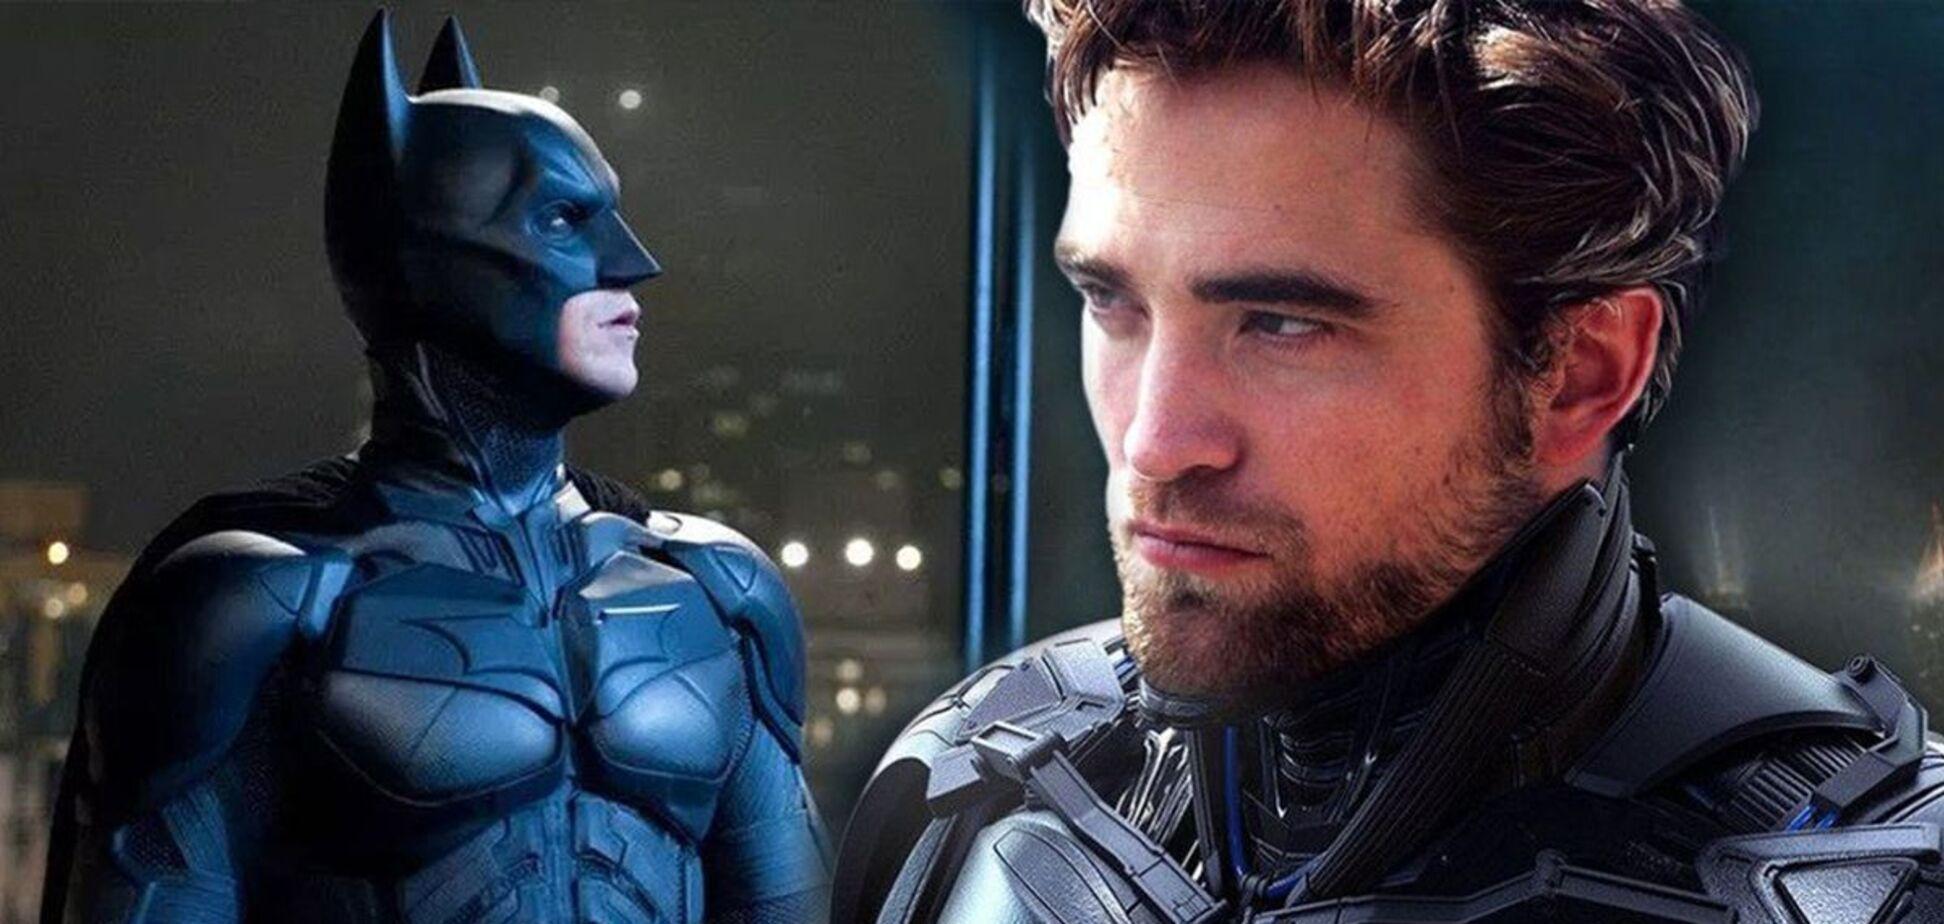 Роберт Паттінсон виконає роль Бетмена в однойменній стрічці